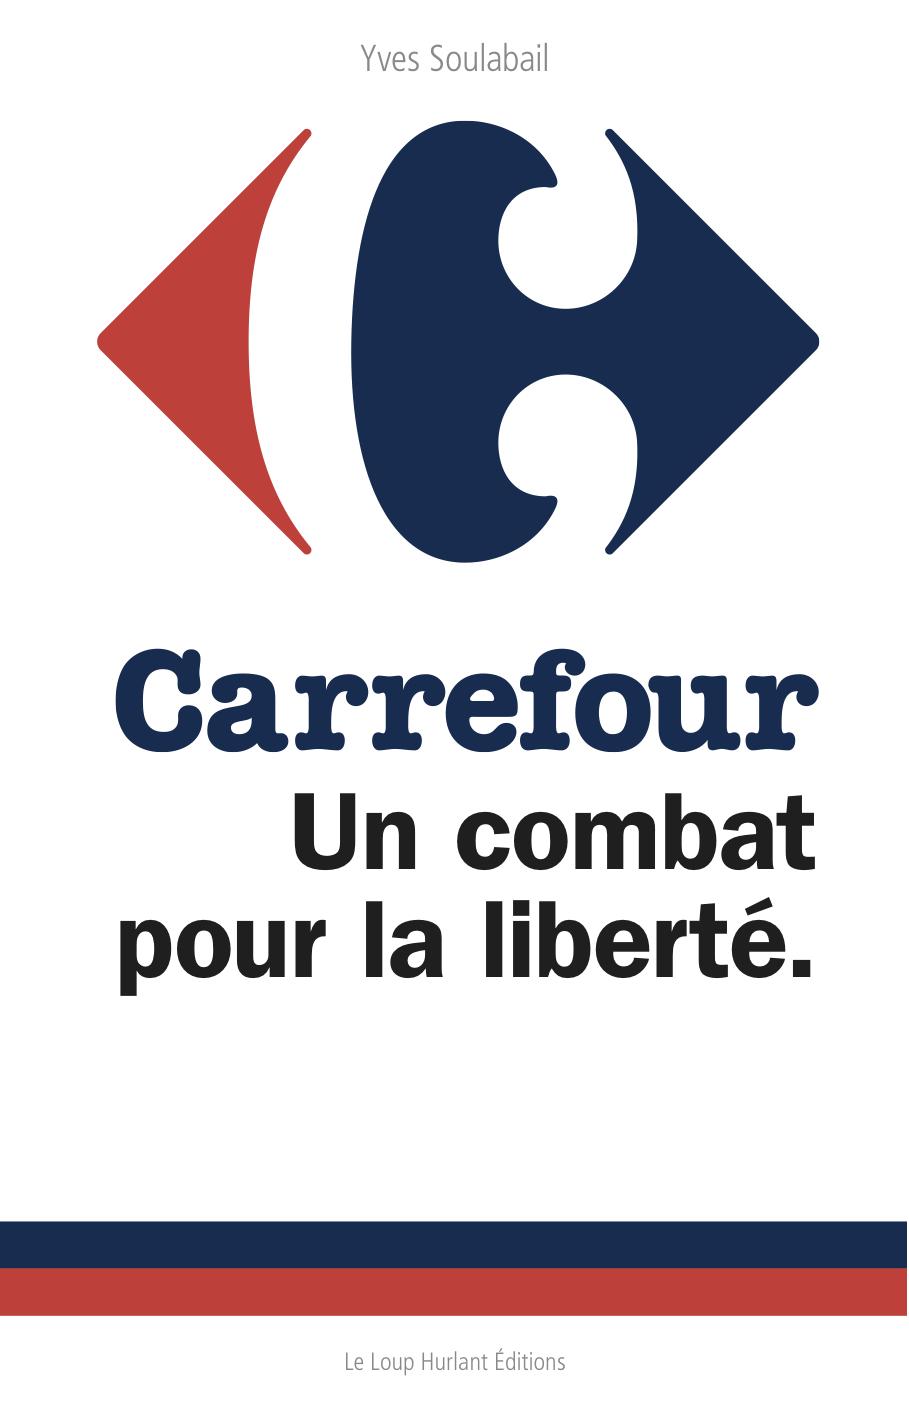 Couverture du livre Carrefour un combat pour la liberté Yves Soulabail